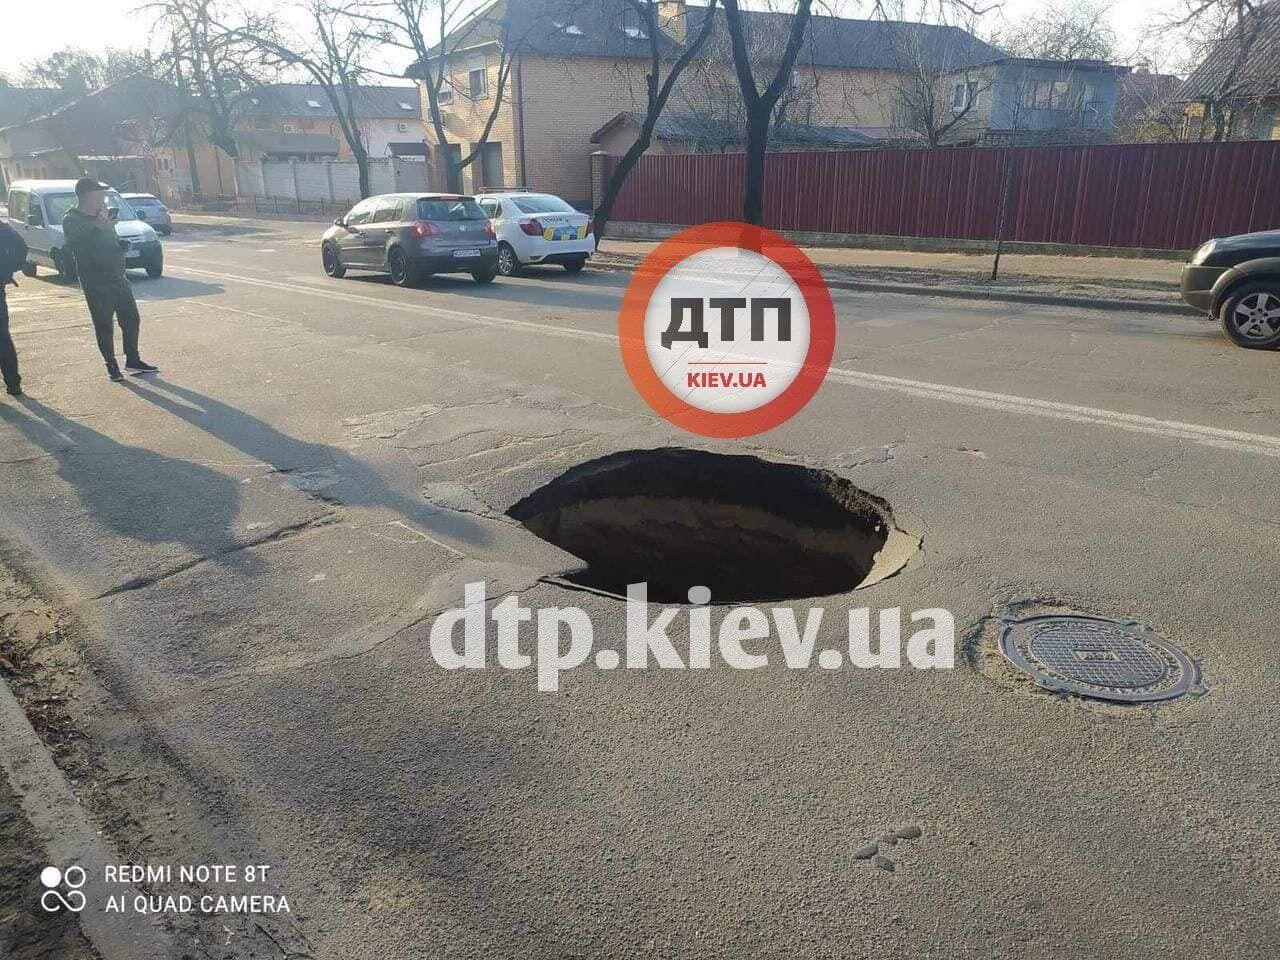 Яма появилась на дороге на улице Жмеринская.